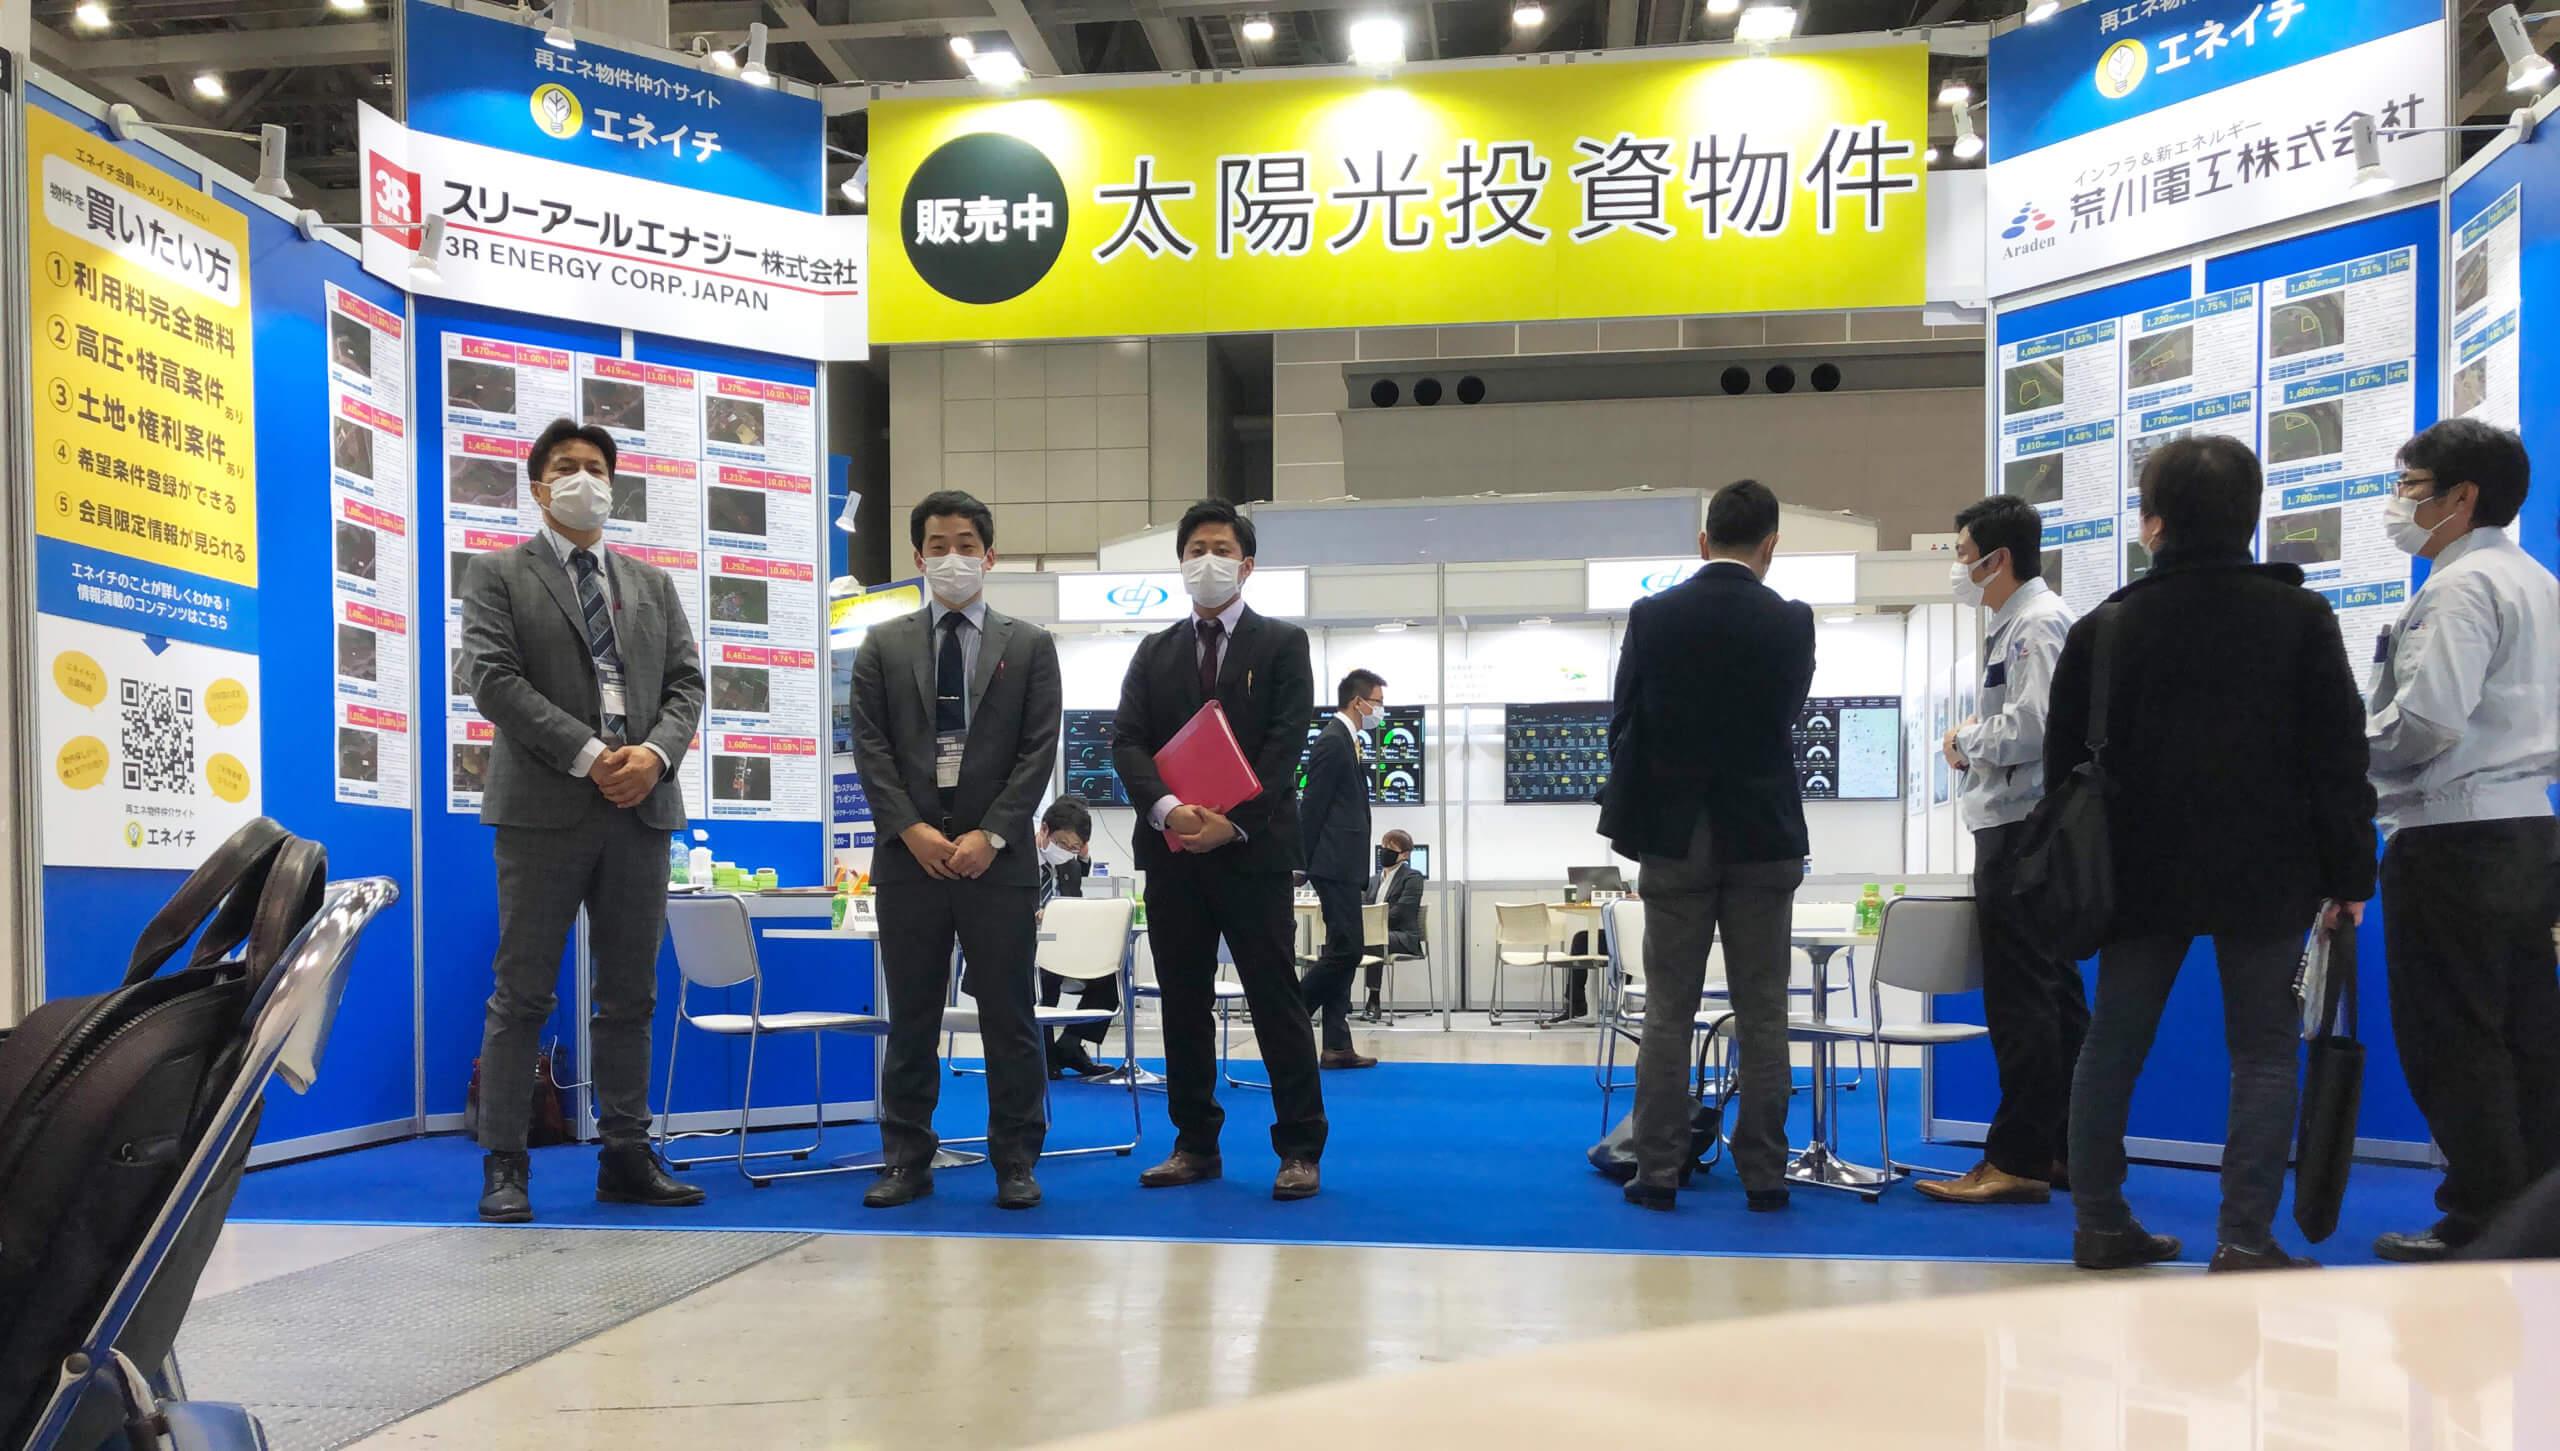 スリーアールエナジーが「第13回【国際】太陽光発電展-PVEXPO-」に出展中です